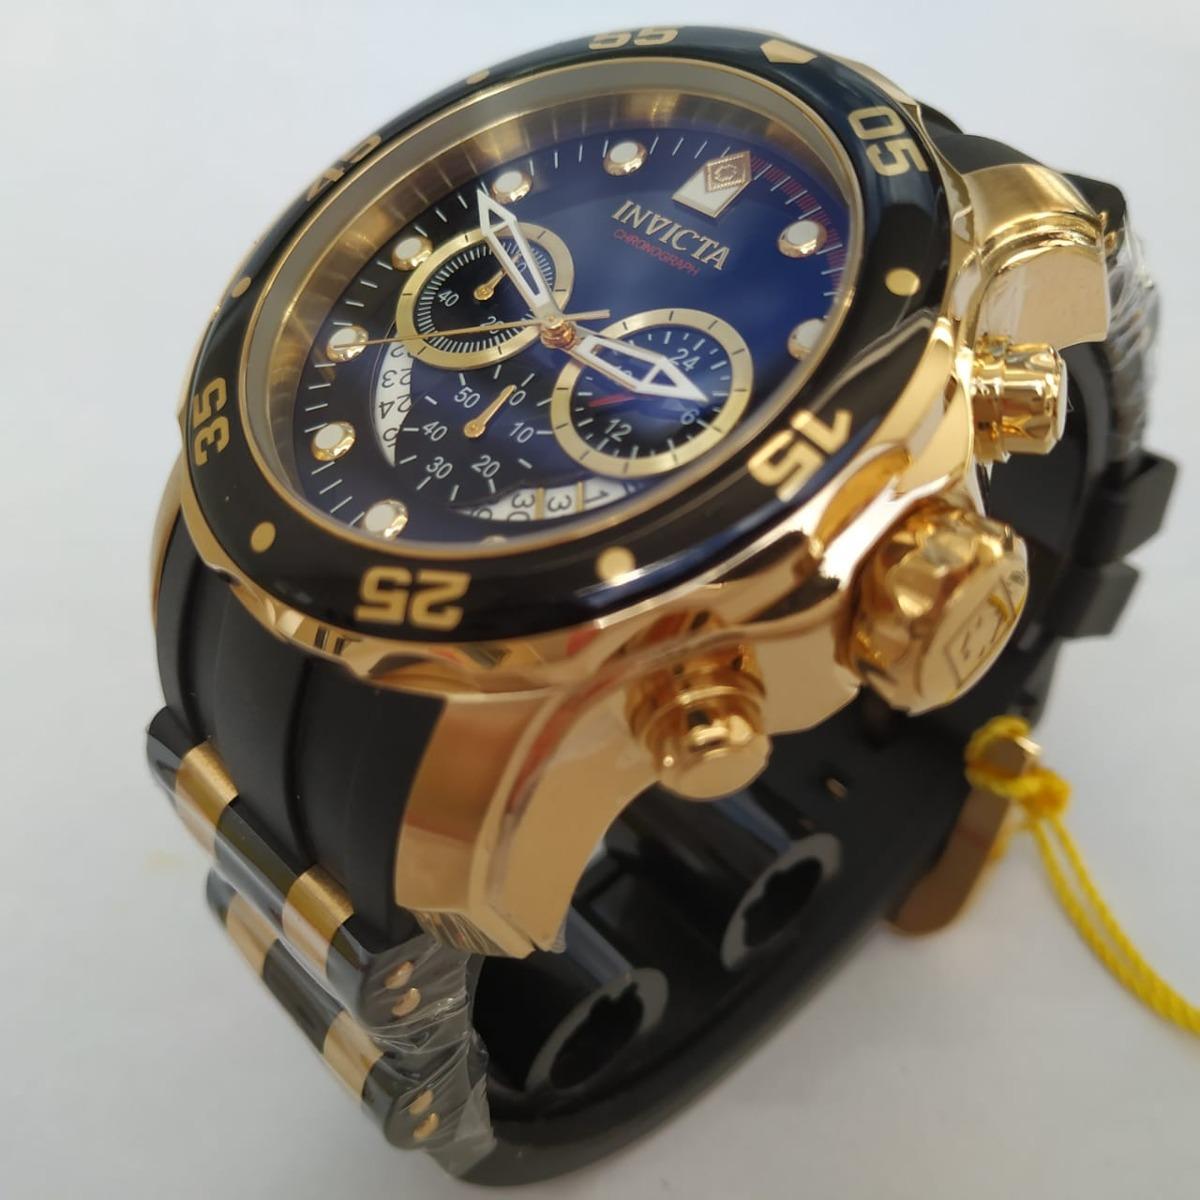 57bb7bf72e9 Relógio Invicta Preto 6981 B. Ouro 18k Original C Brinde - R  679